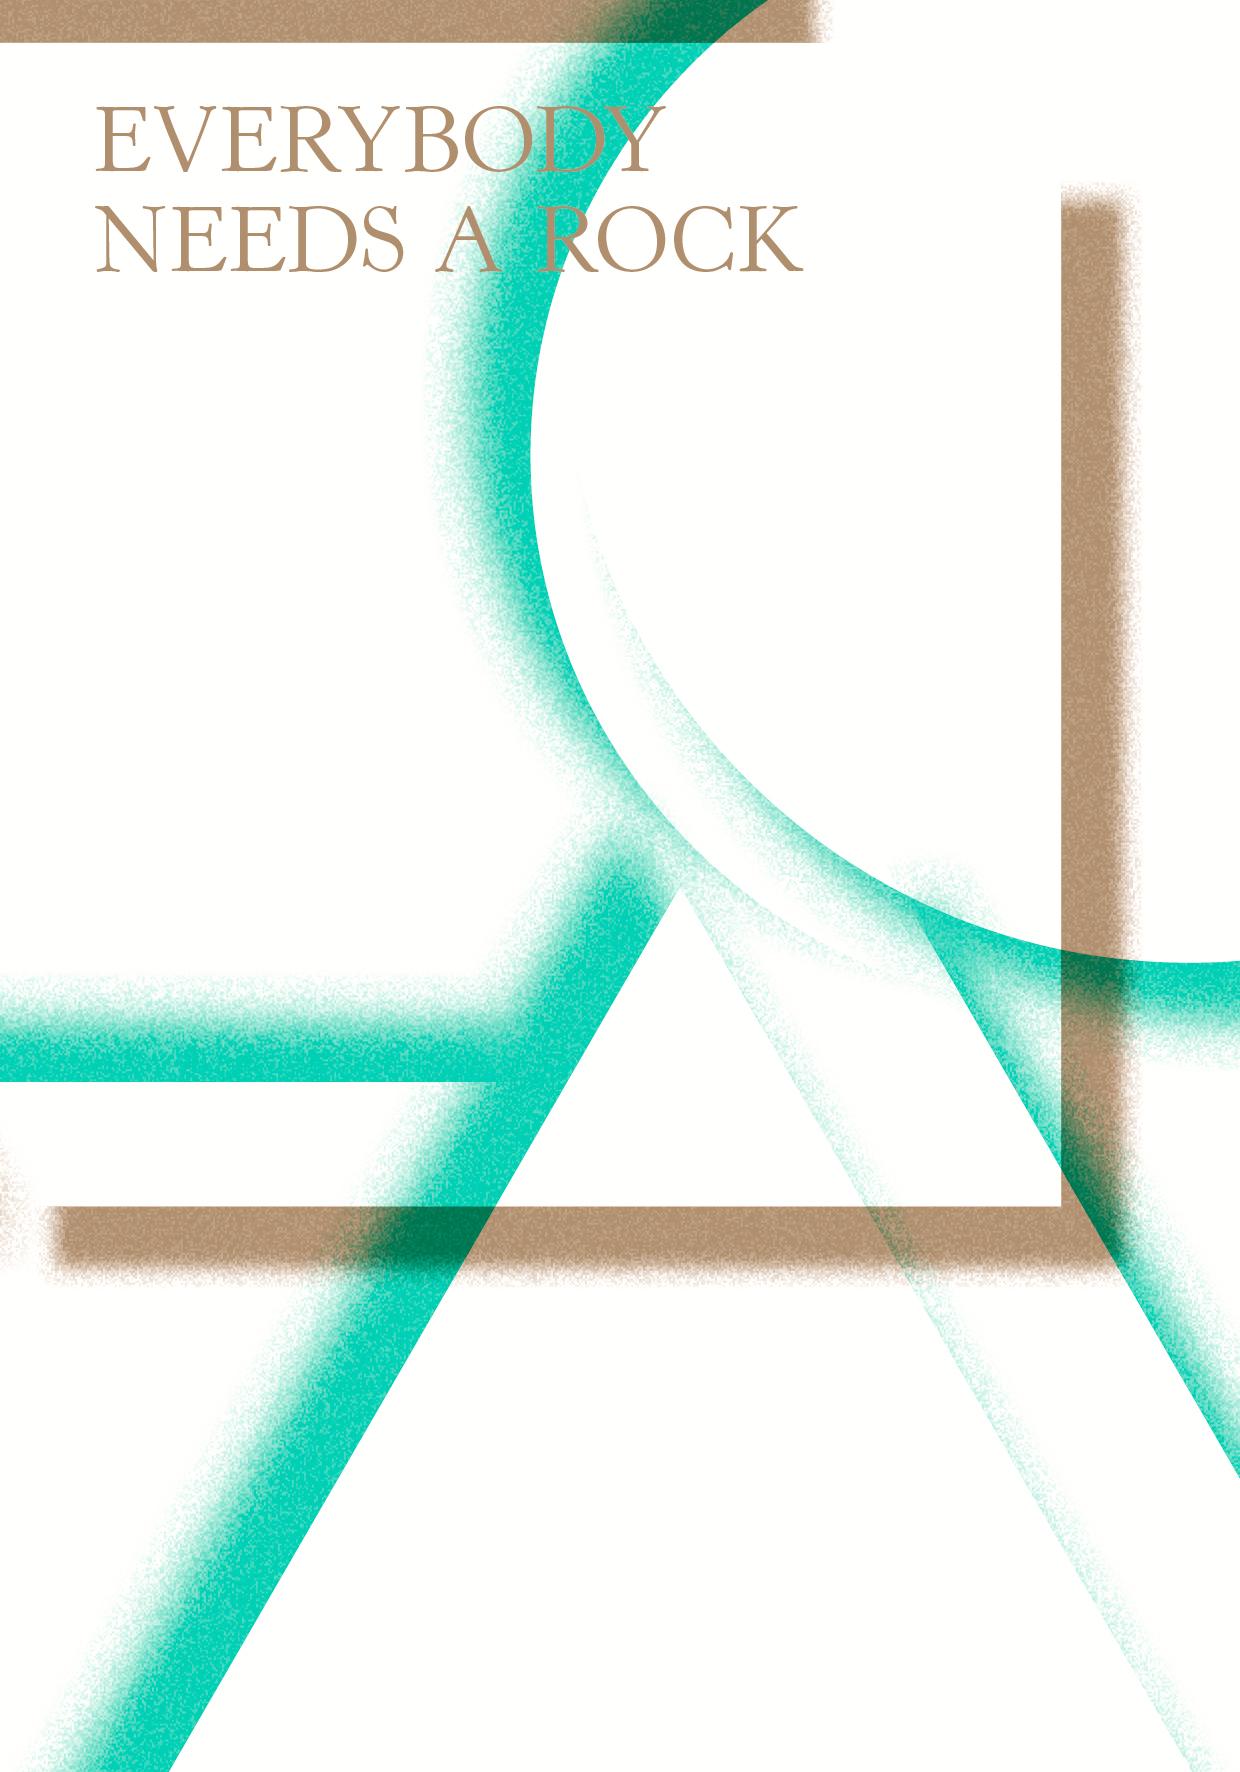 オランダ在住のジュエリー作家、本多沙映さんの初作品集刊行記念展「EVERYBODY NEEDS A